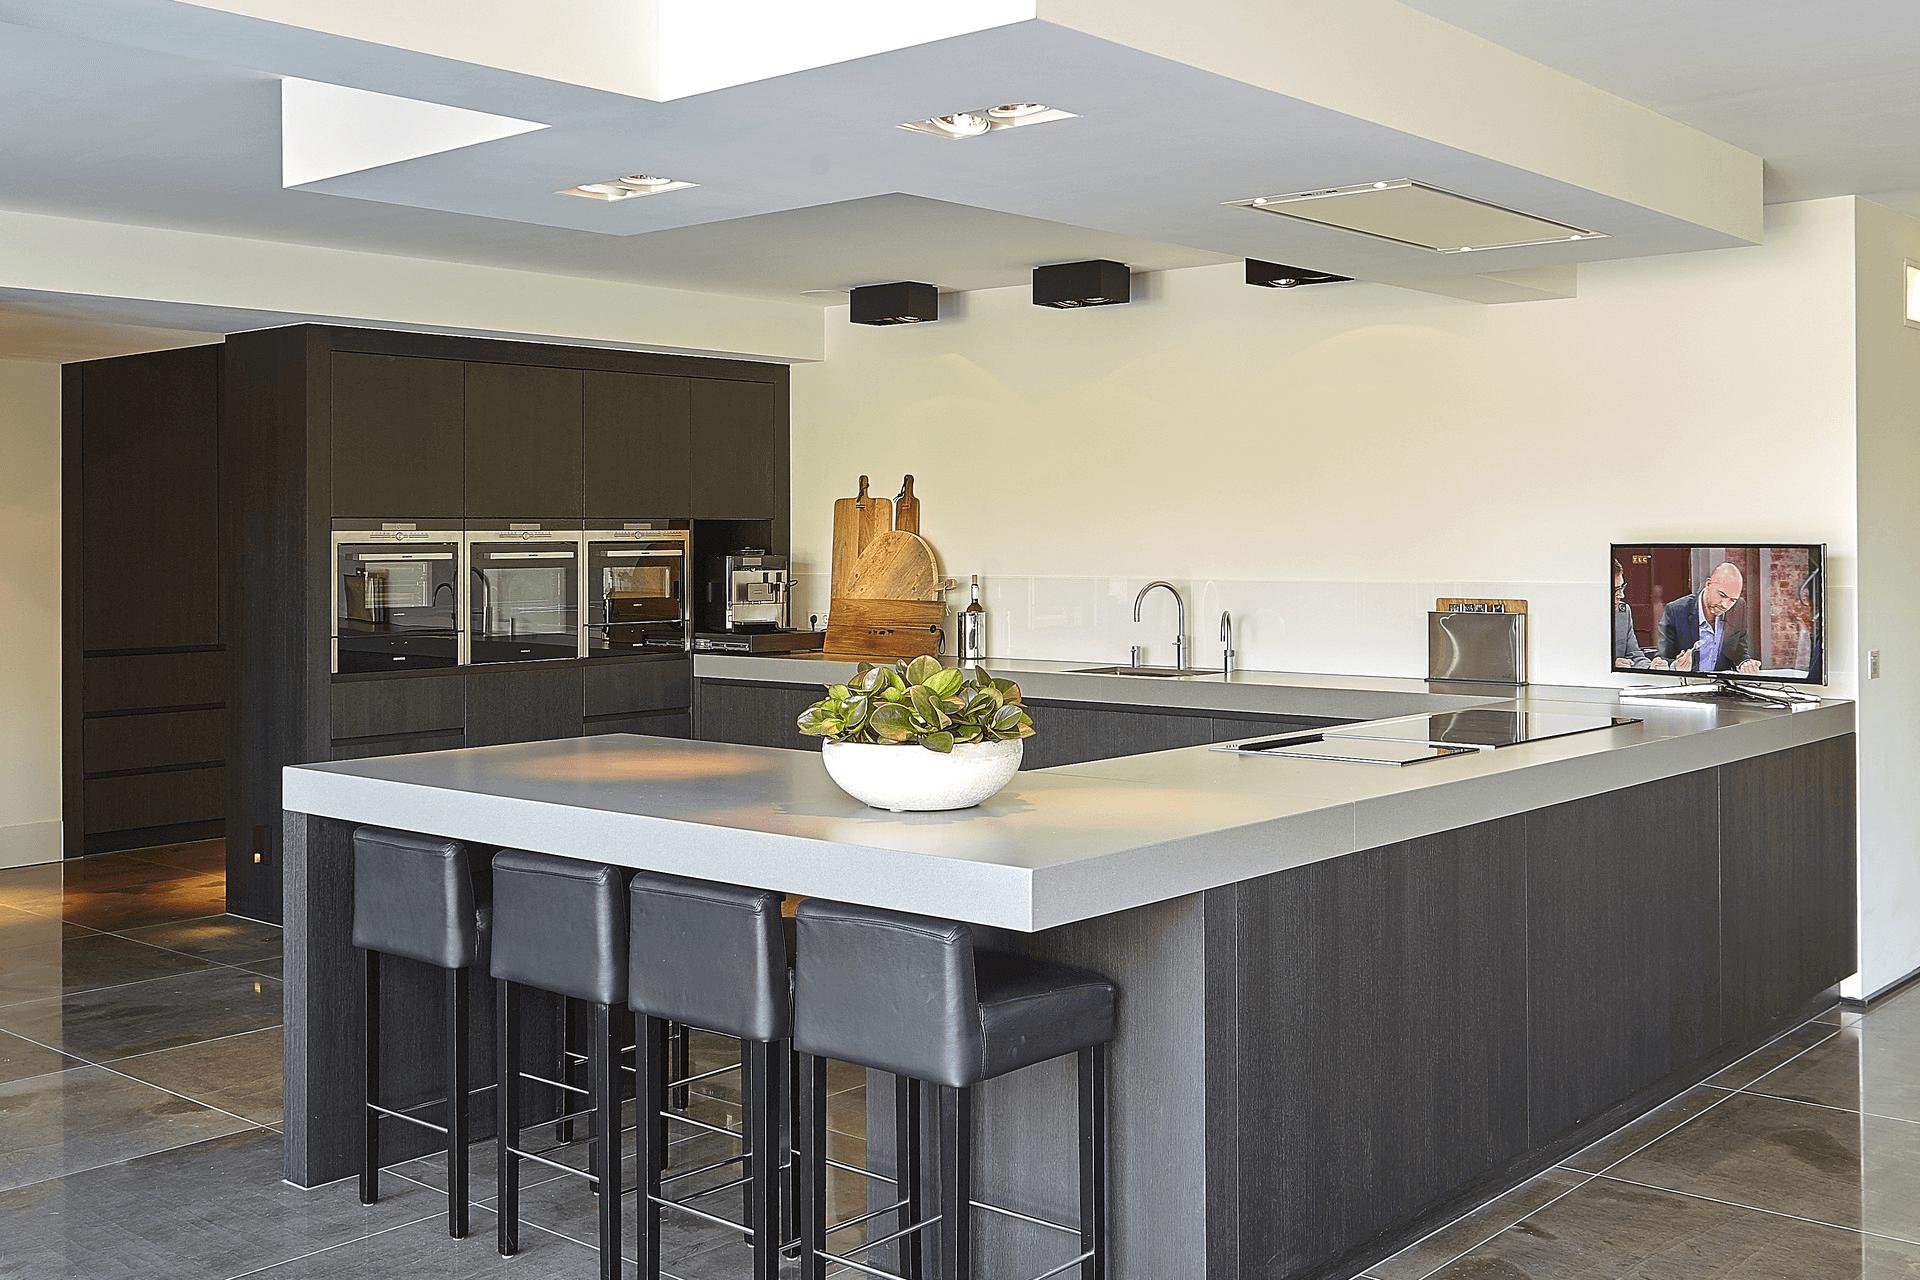 Keukens rmr interieurbouw